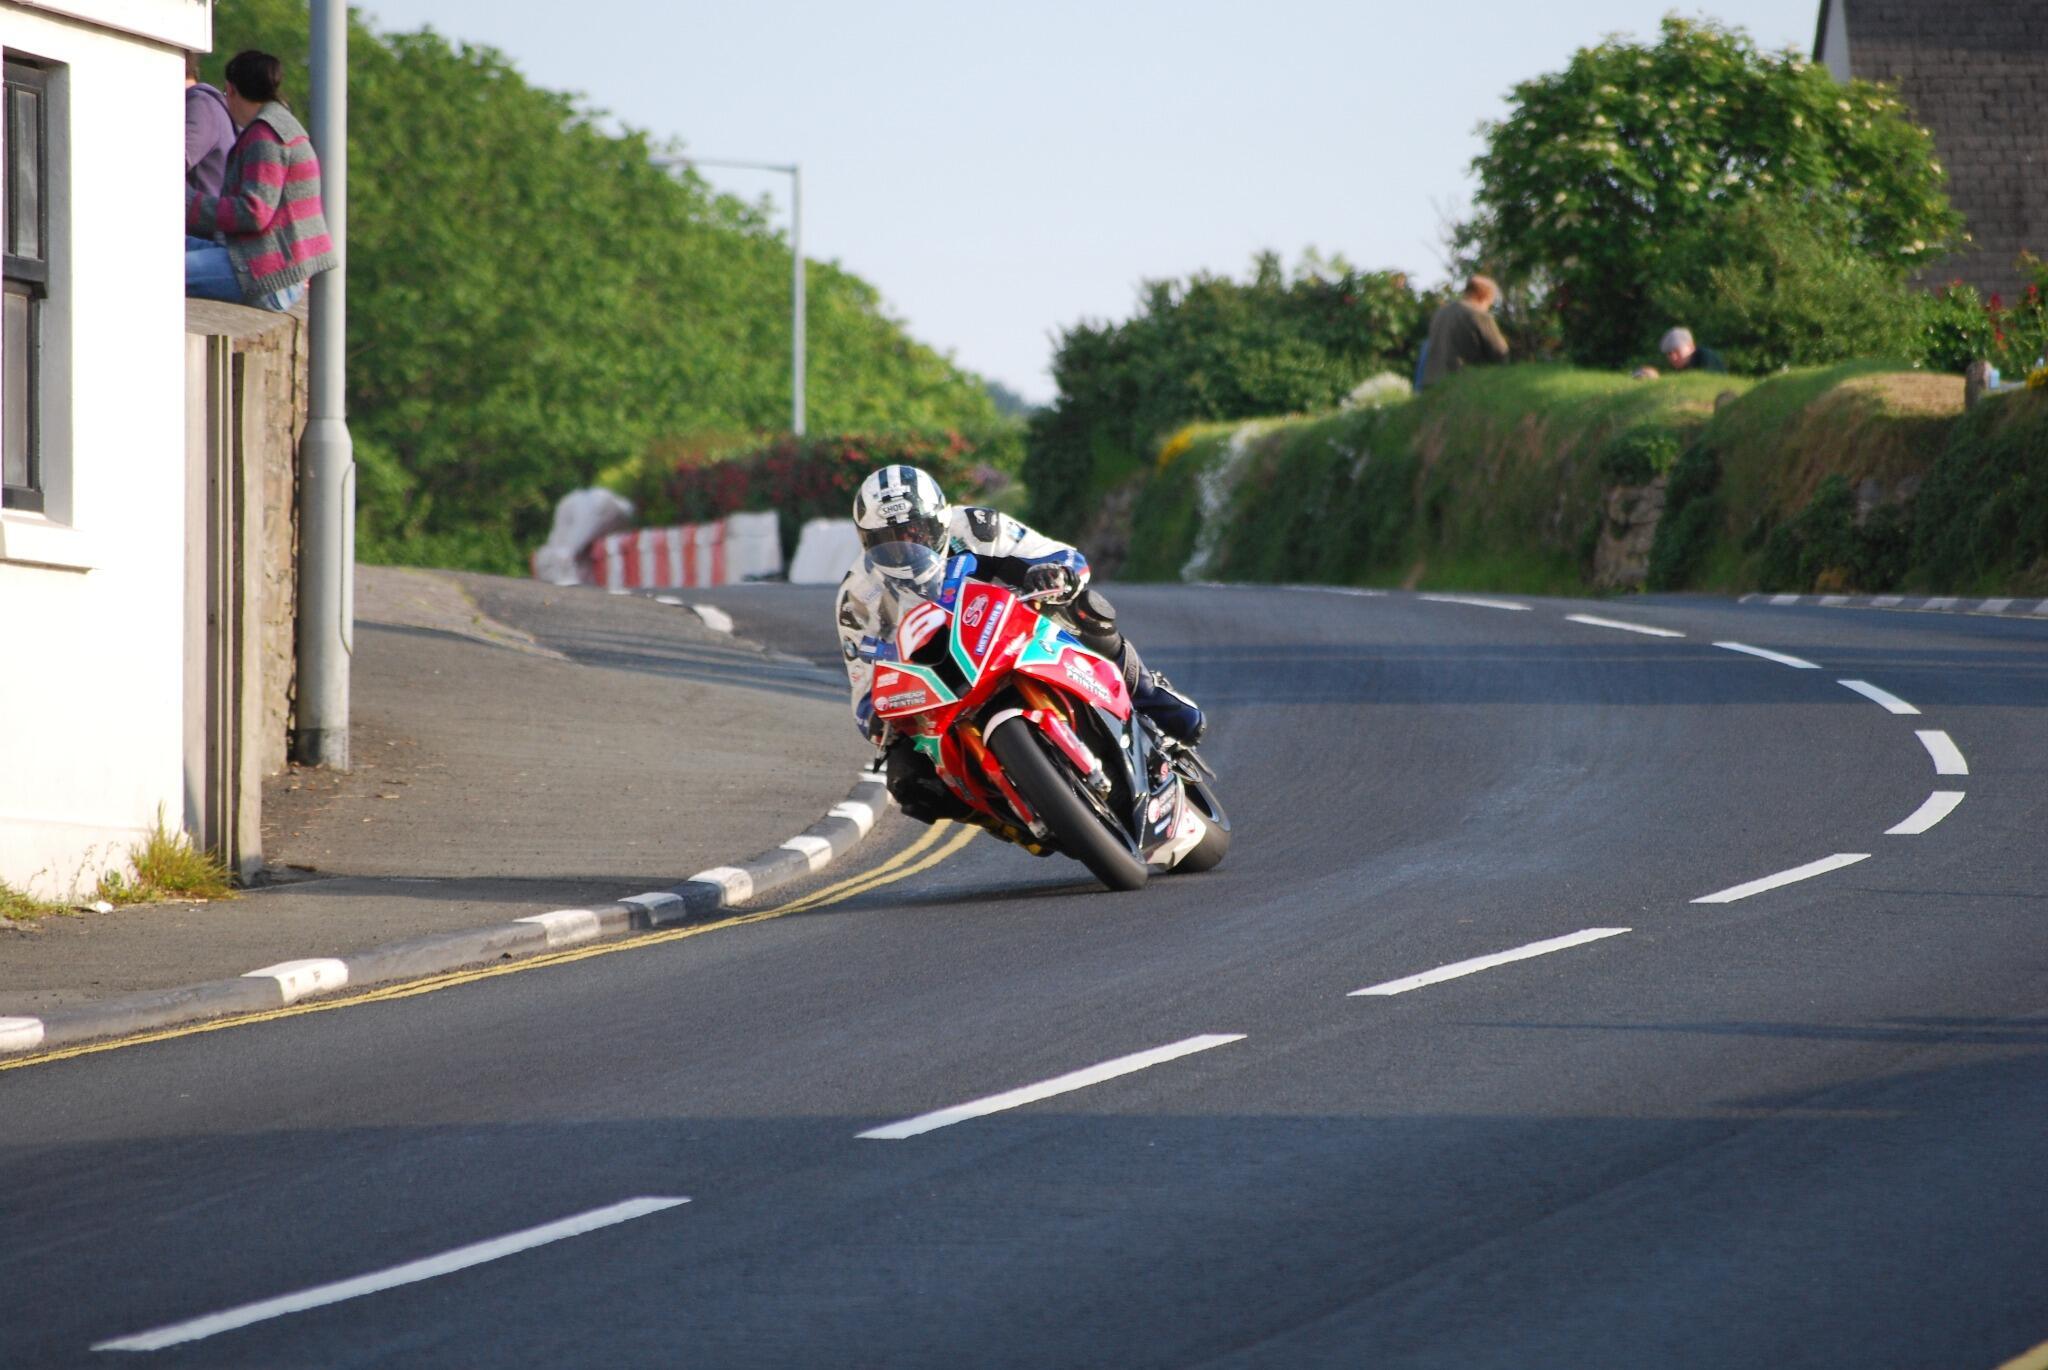 [Road Racing] TT 2014  - Page 3 BovtPhrIMAAUw7N